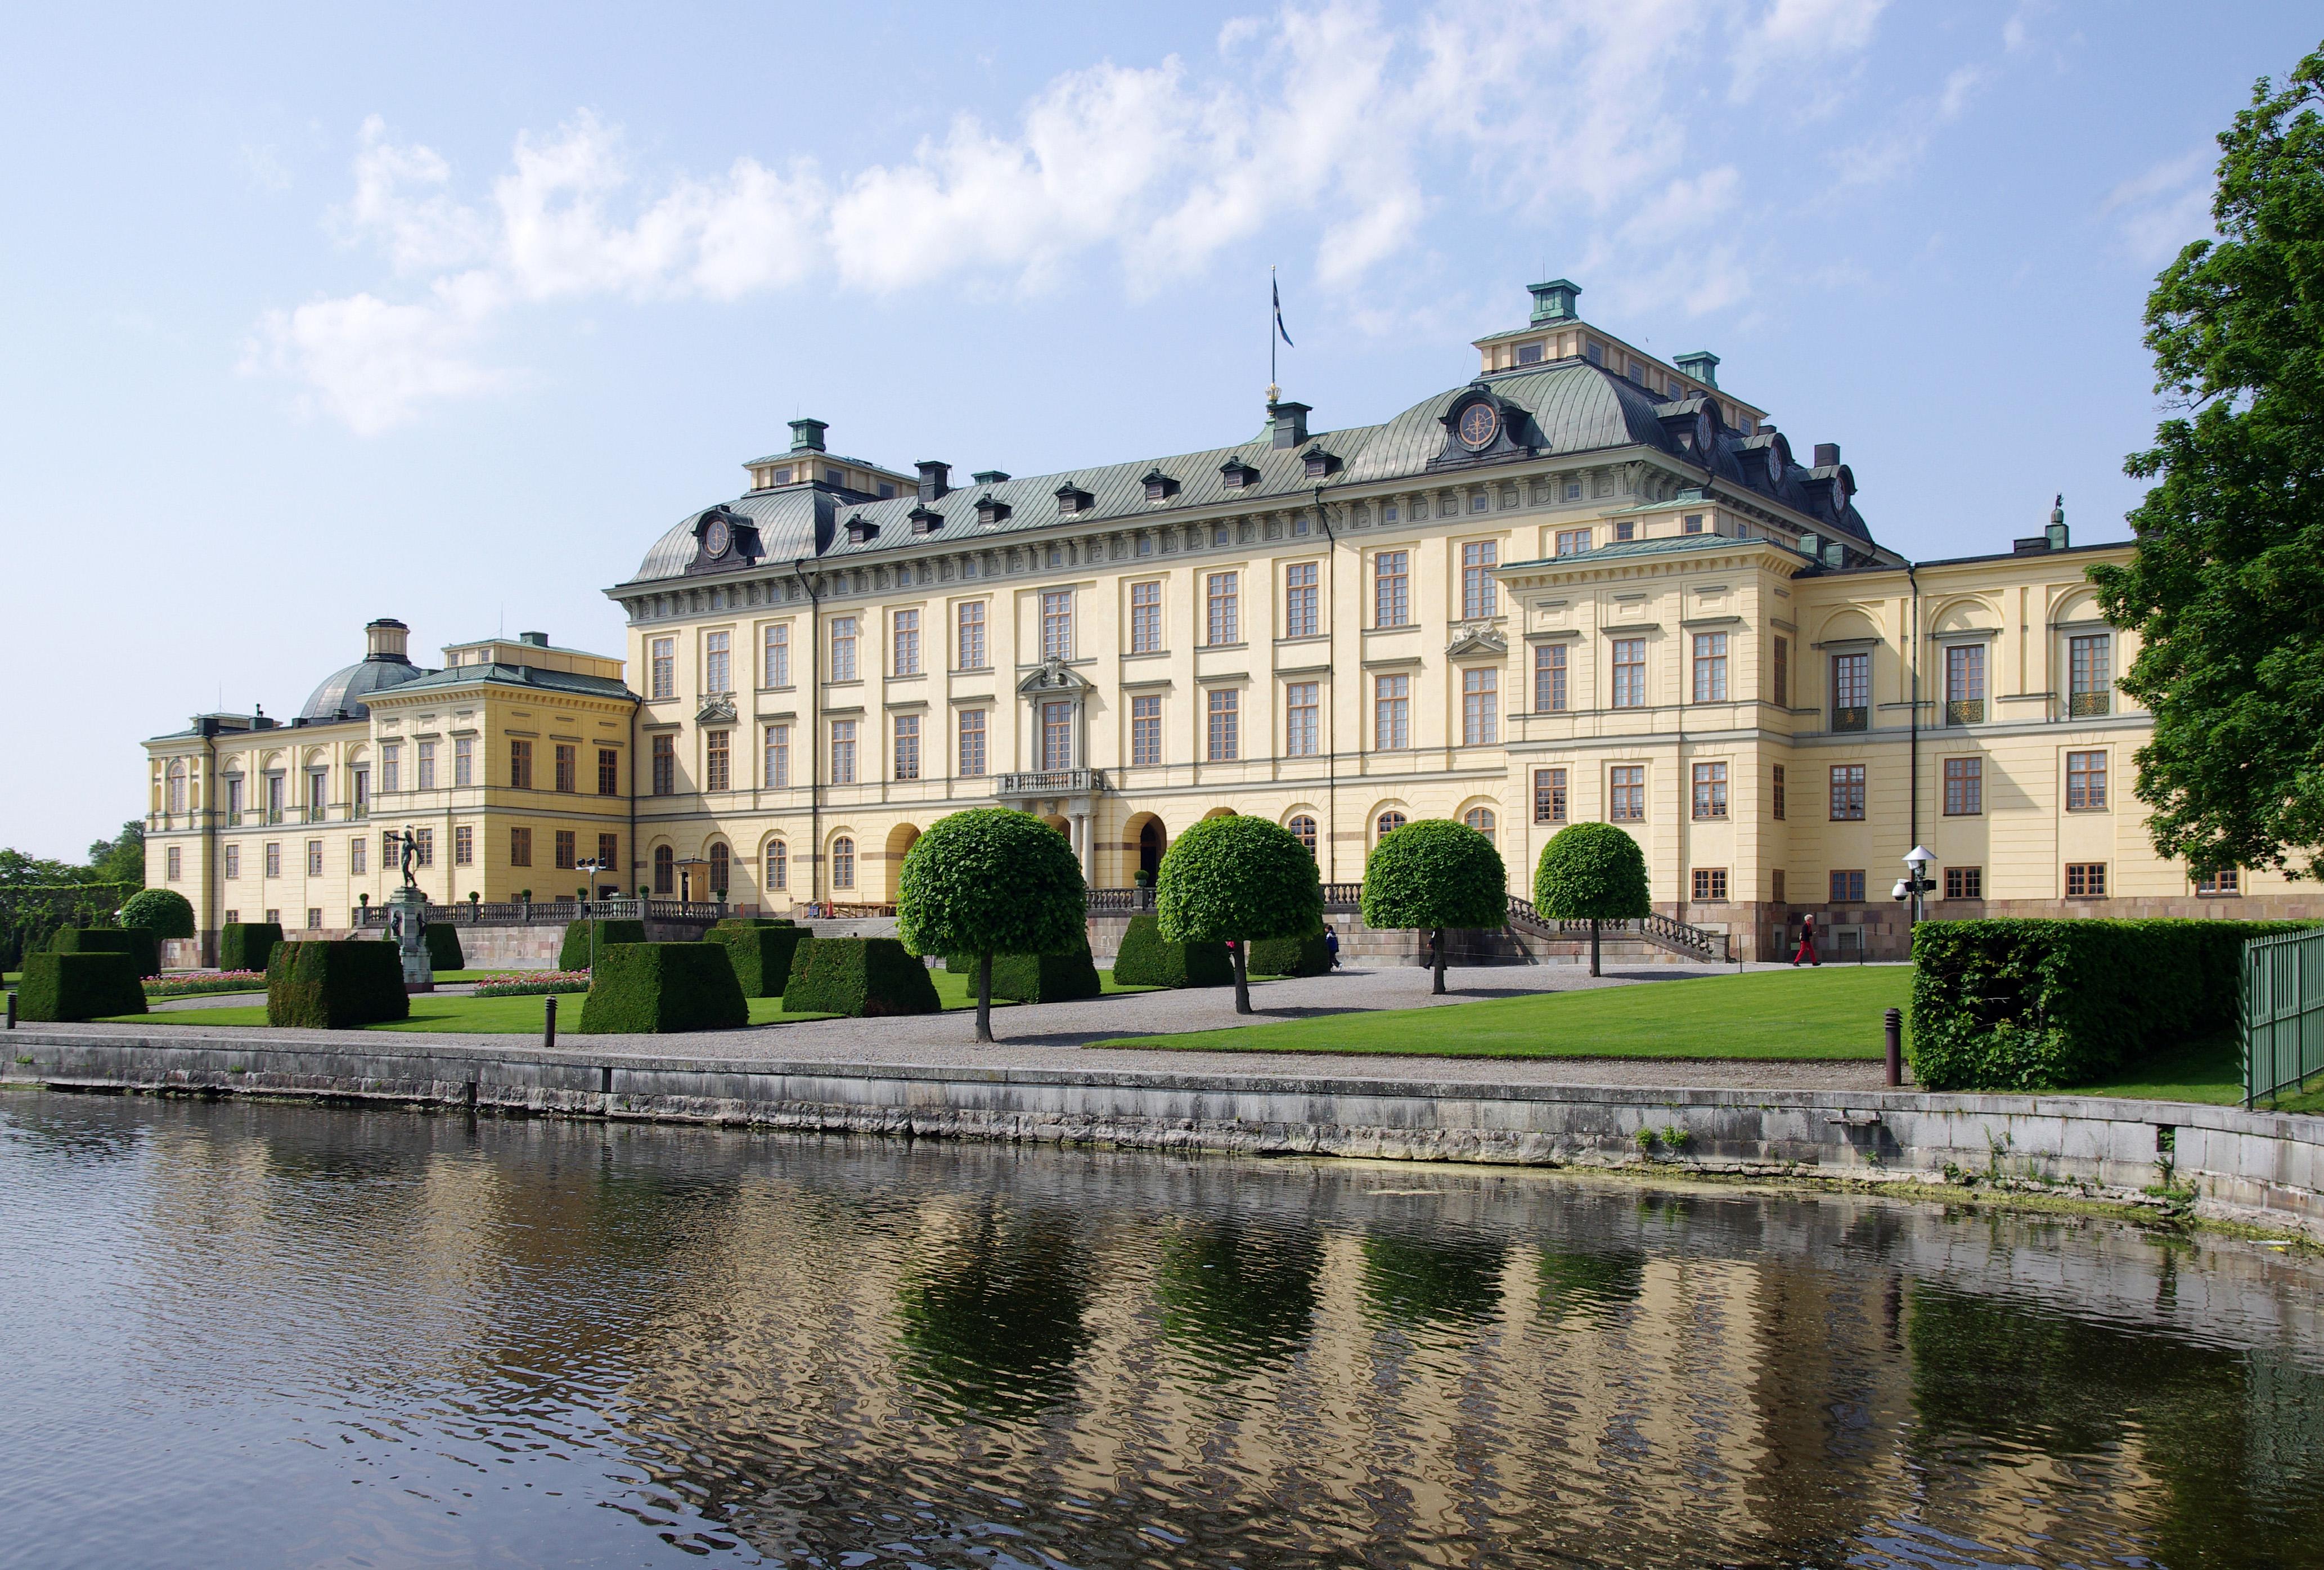 皇后岛宫殿的南配楼现在仍是瑞典皇室居所.